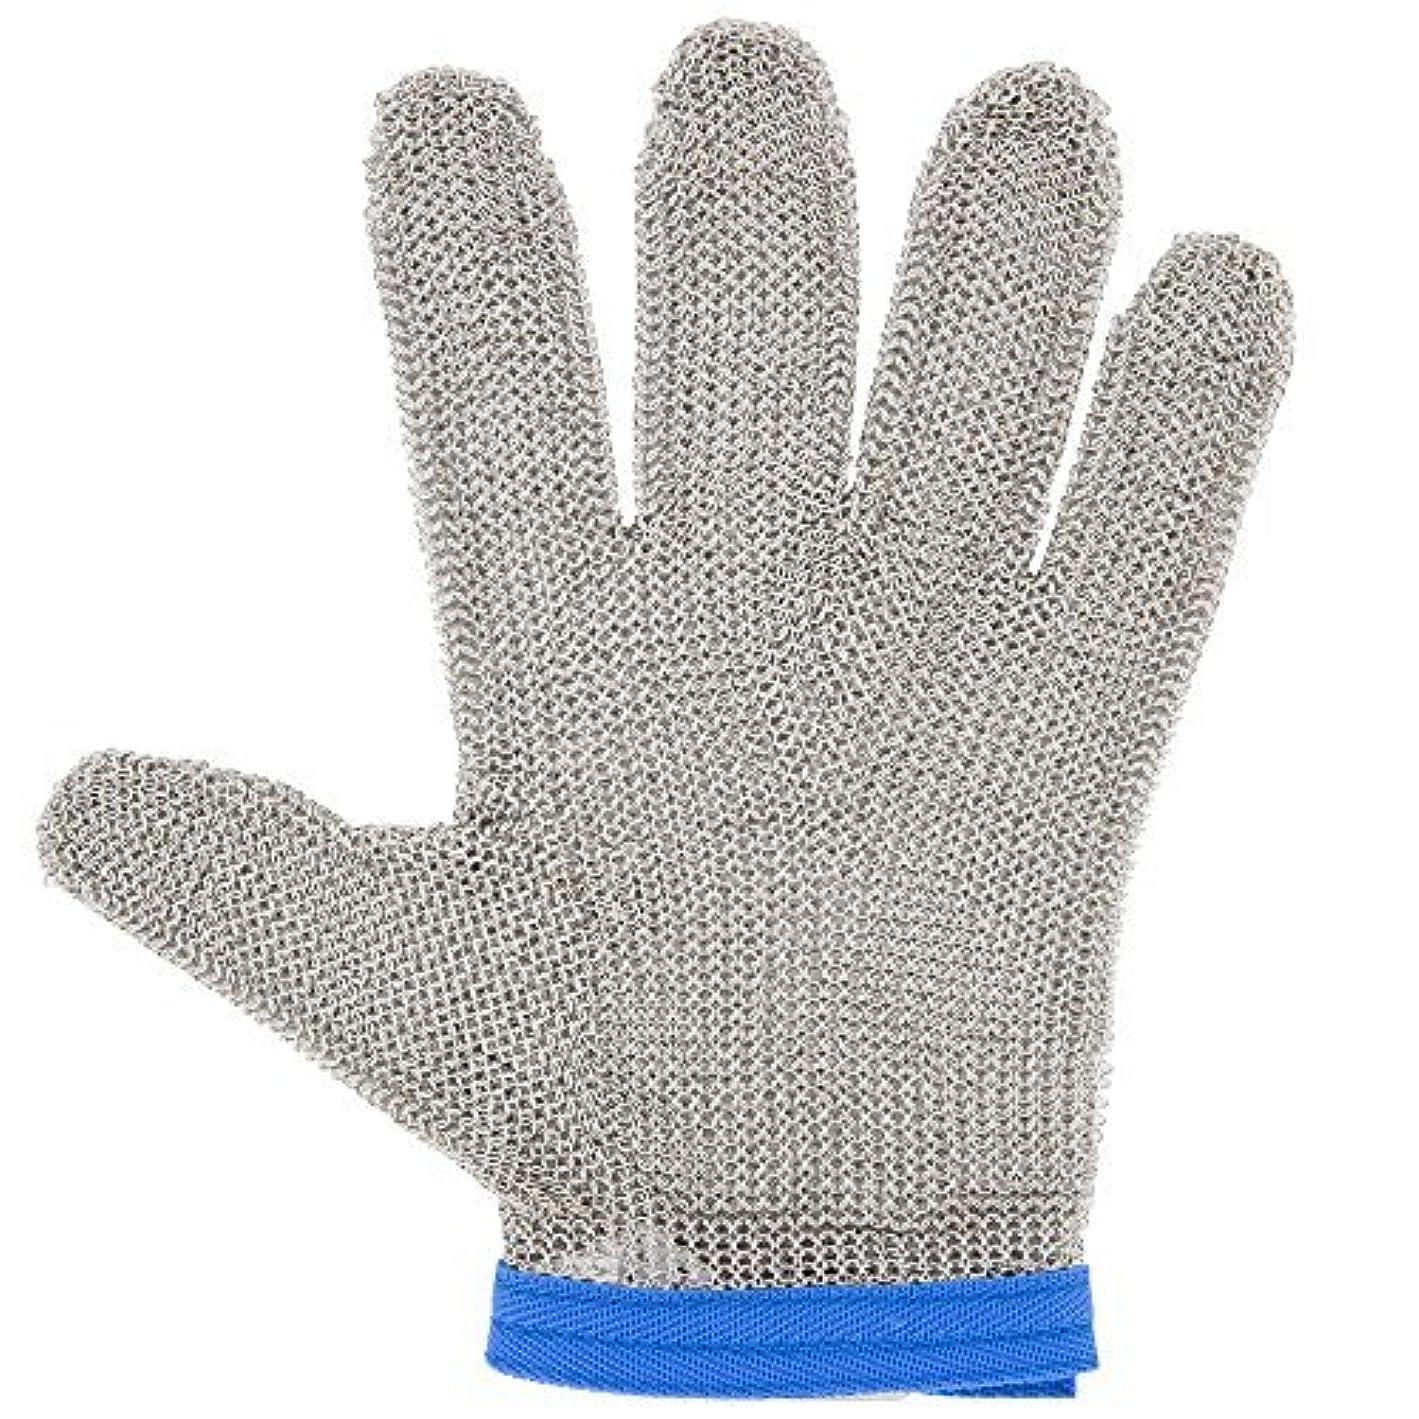 食物杭インタビューSan Jamar mga515lスチールメッシュ5指cut-resistant手袋、Large by San Jamar